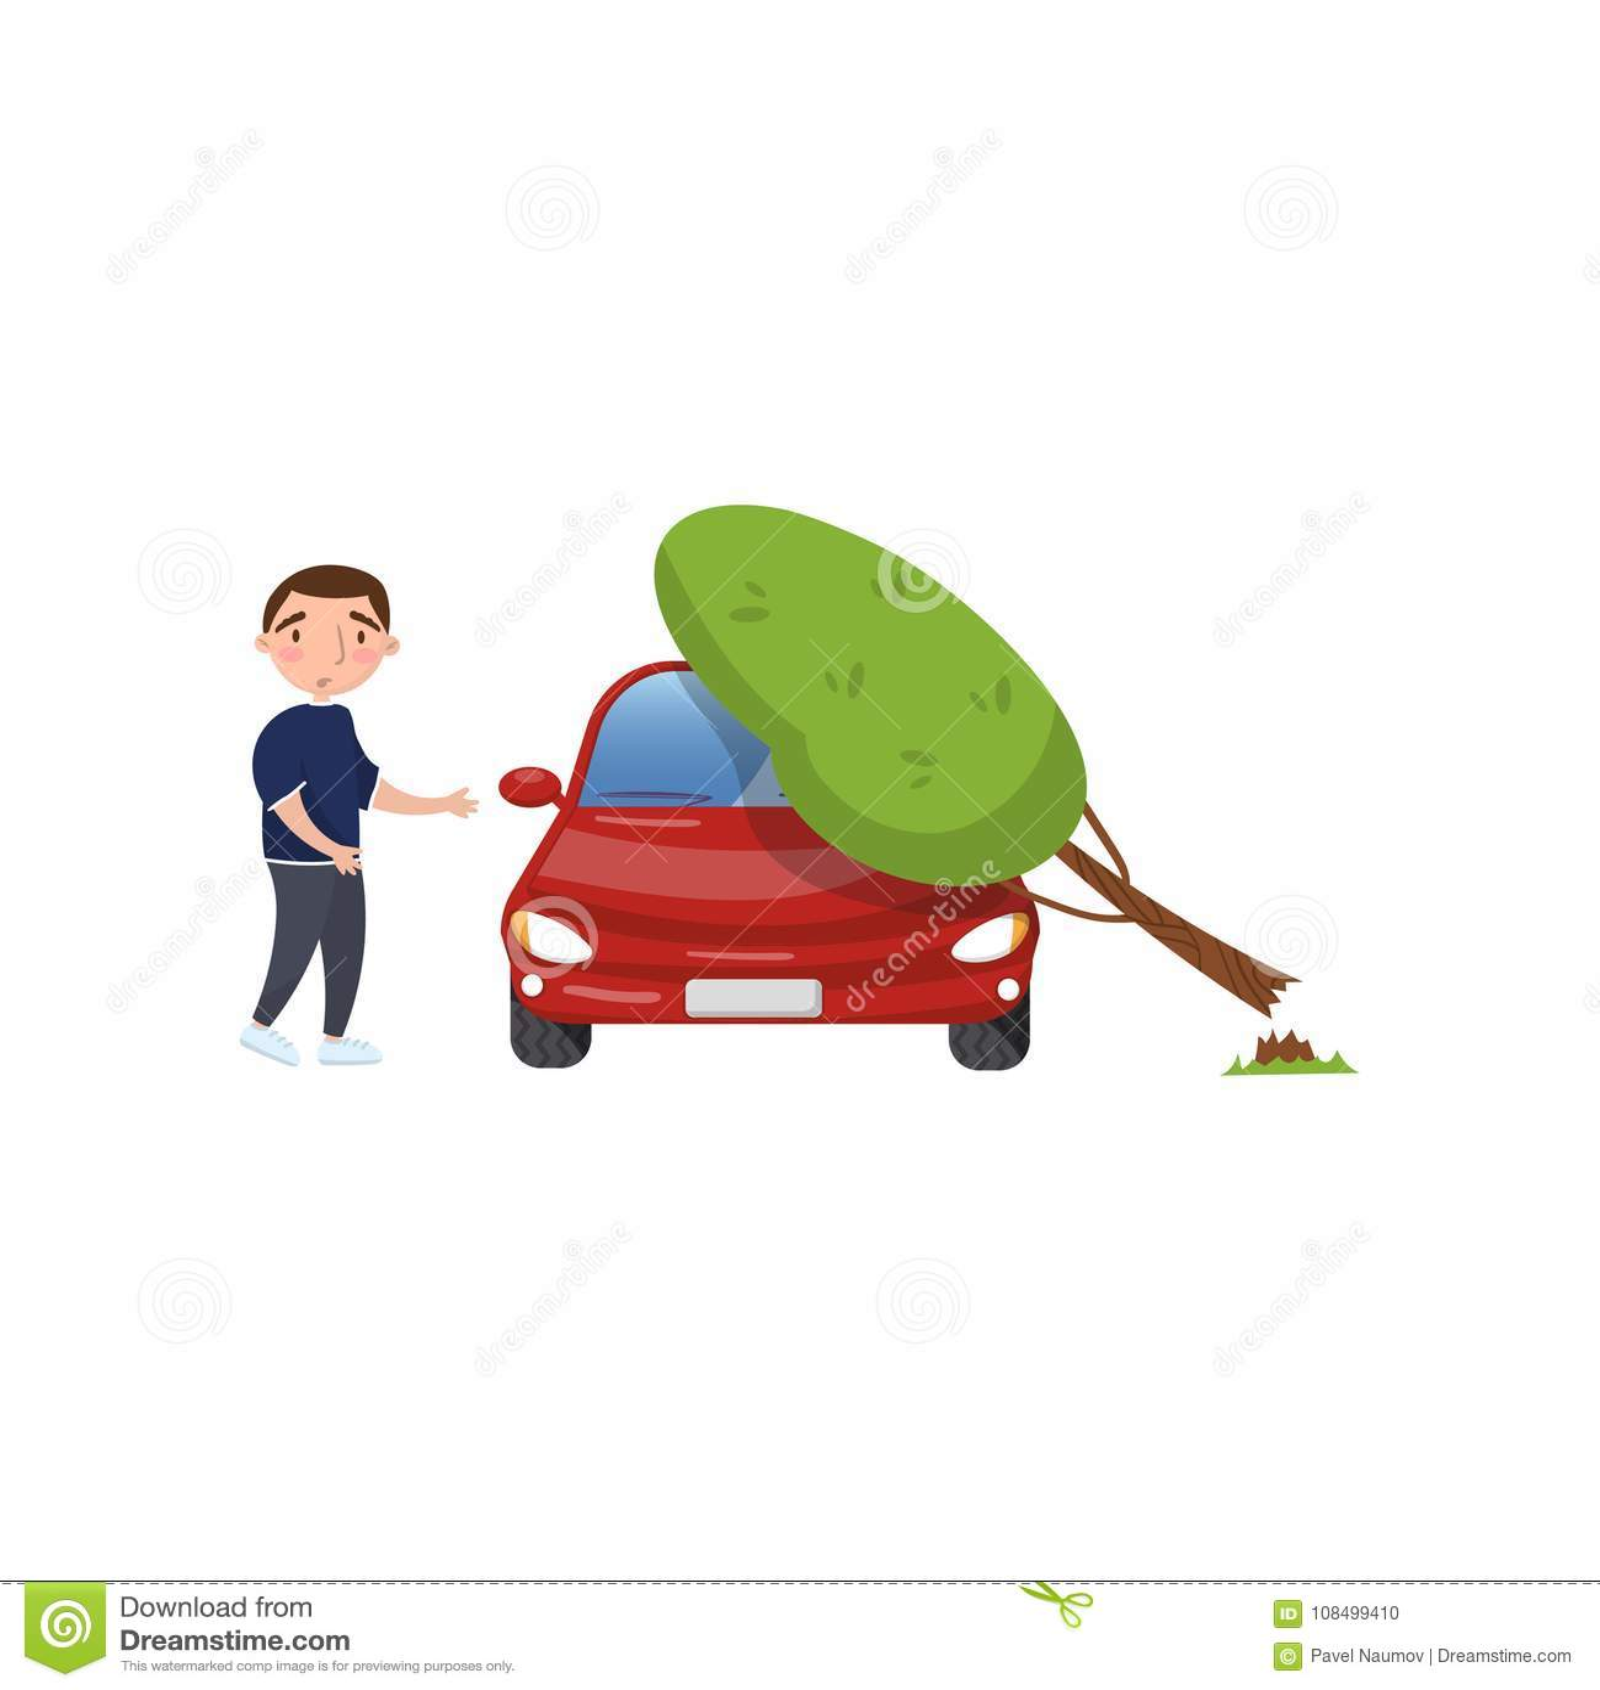 Árvore Que Cai No Veículo, Sentimento Do Homem Chocado